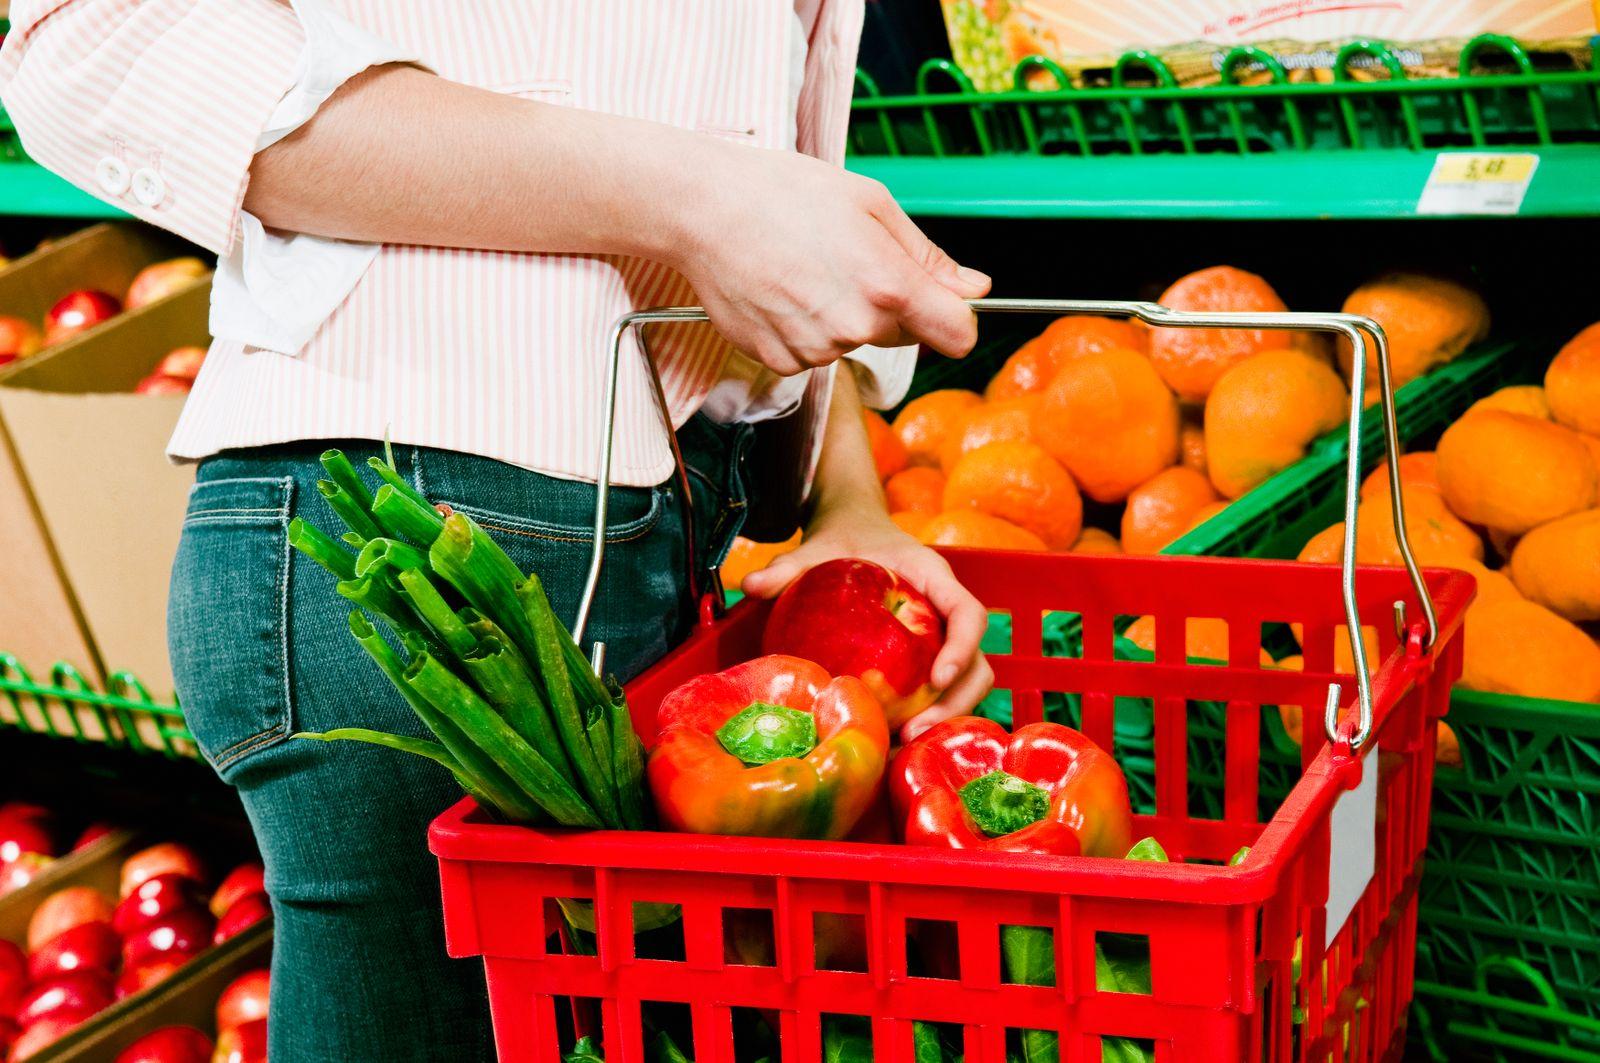 NICHT MEHR VERWENDEN! - Gemüse / Einkaufen / Supermarkt